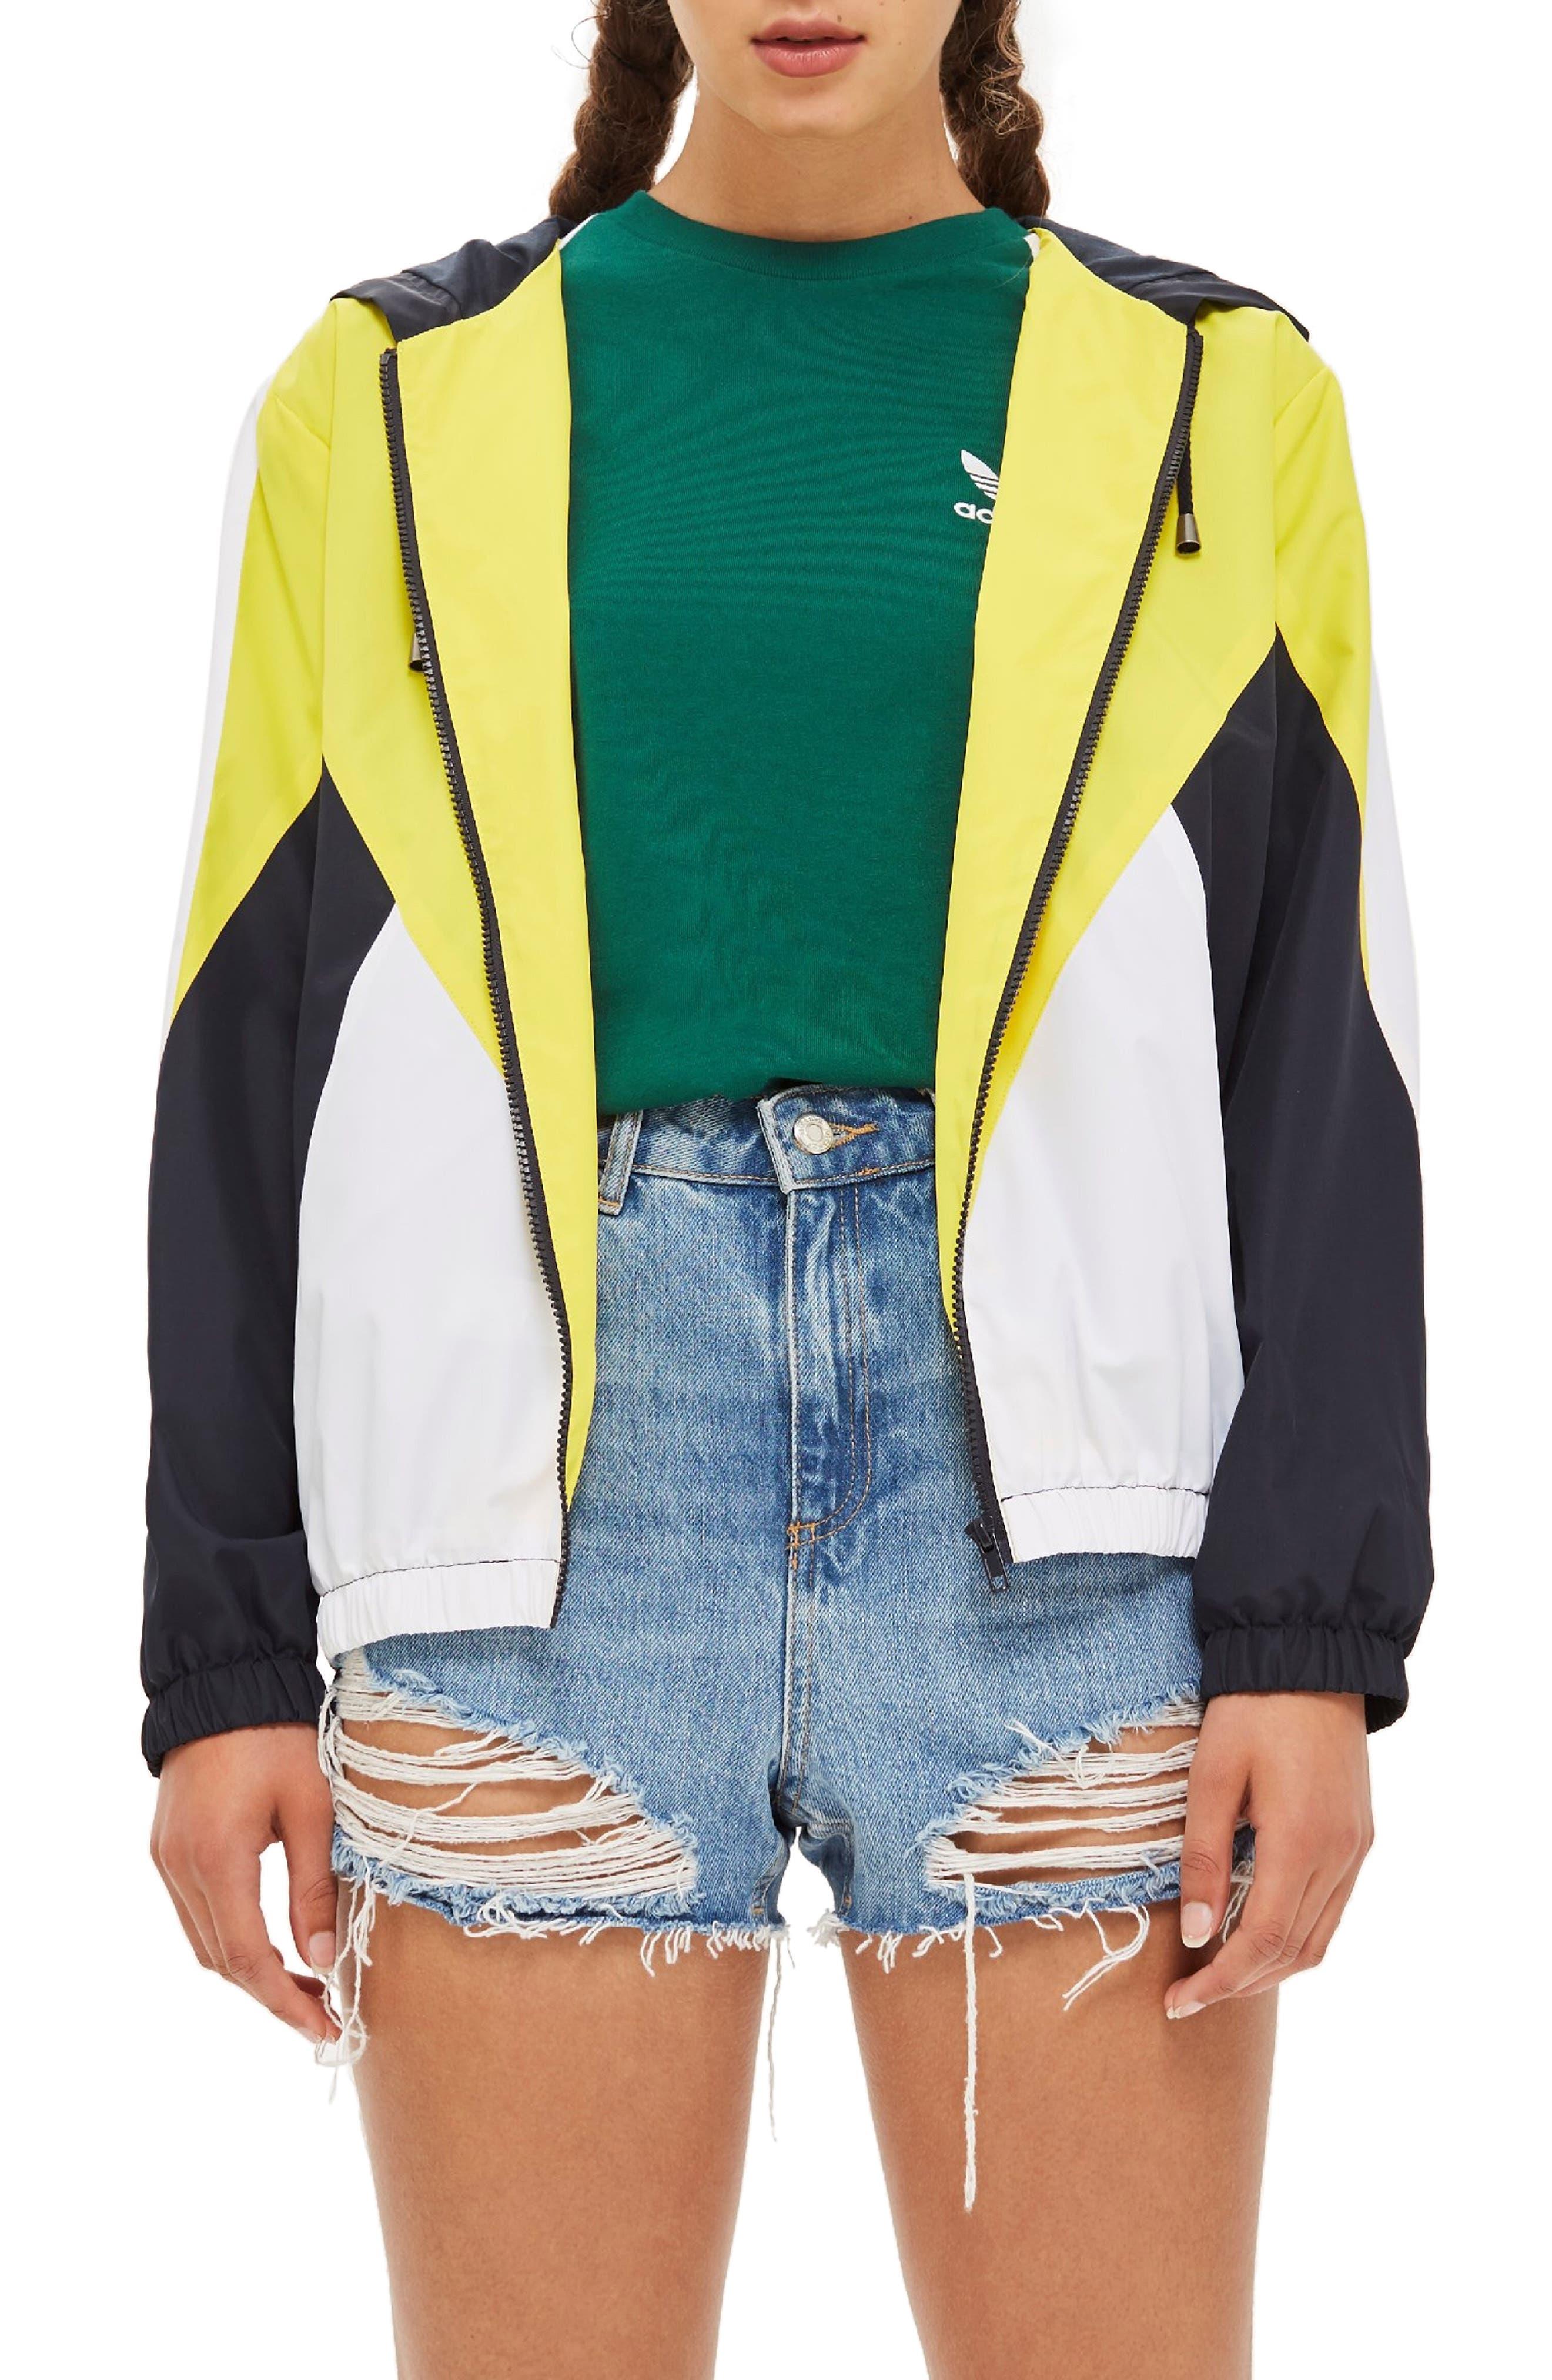 Texas Colorblock Windbreaker Jacket,                             Main thumbnail 1, color,                             YELLOW MULTI